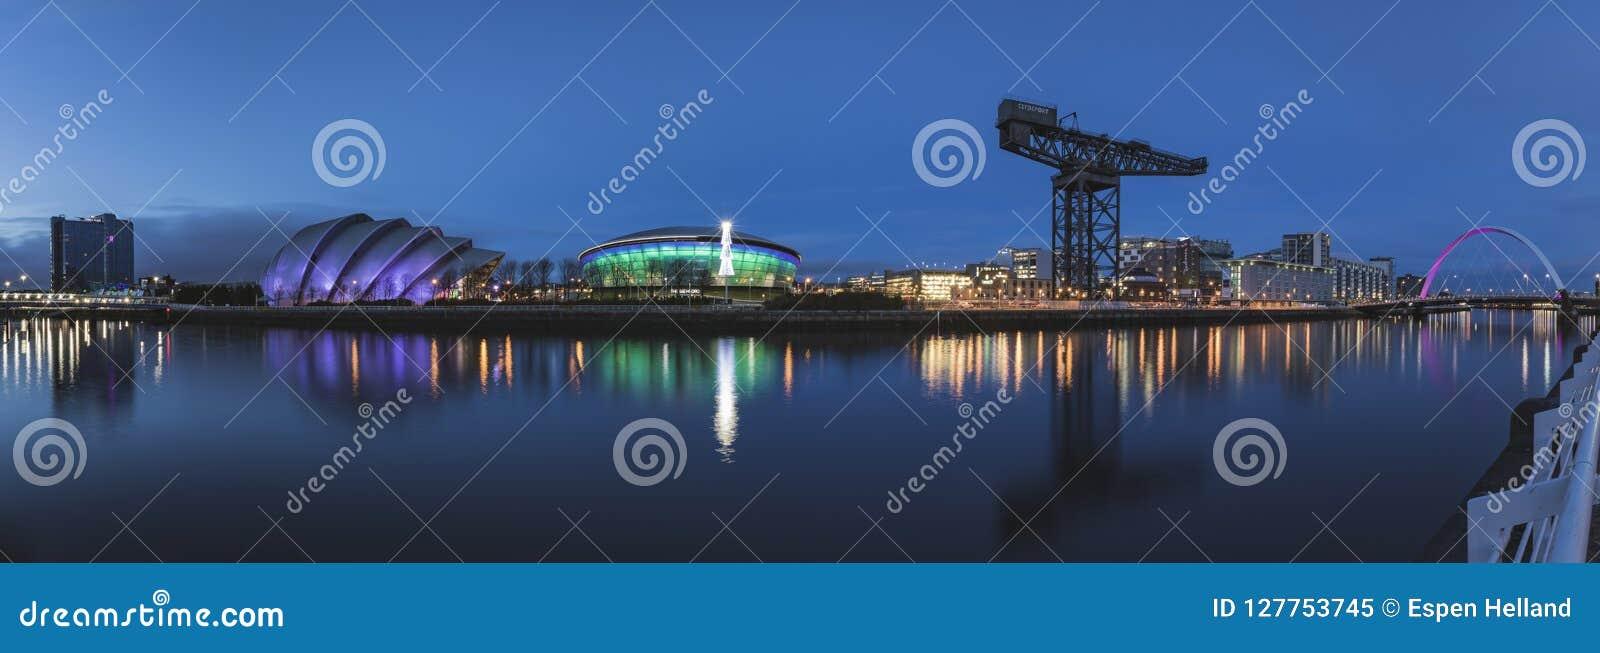 克莱德河的全景包括SSE水力发电、SEC犰狳、SEC中心和弧